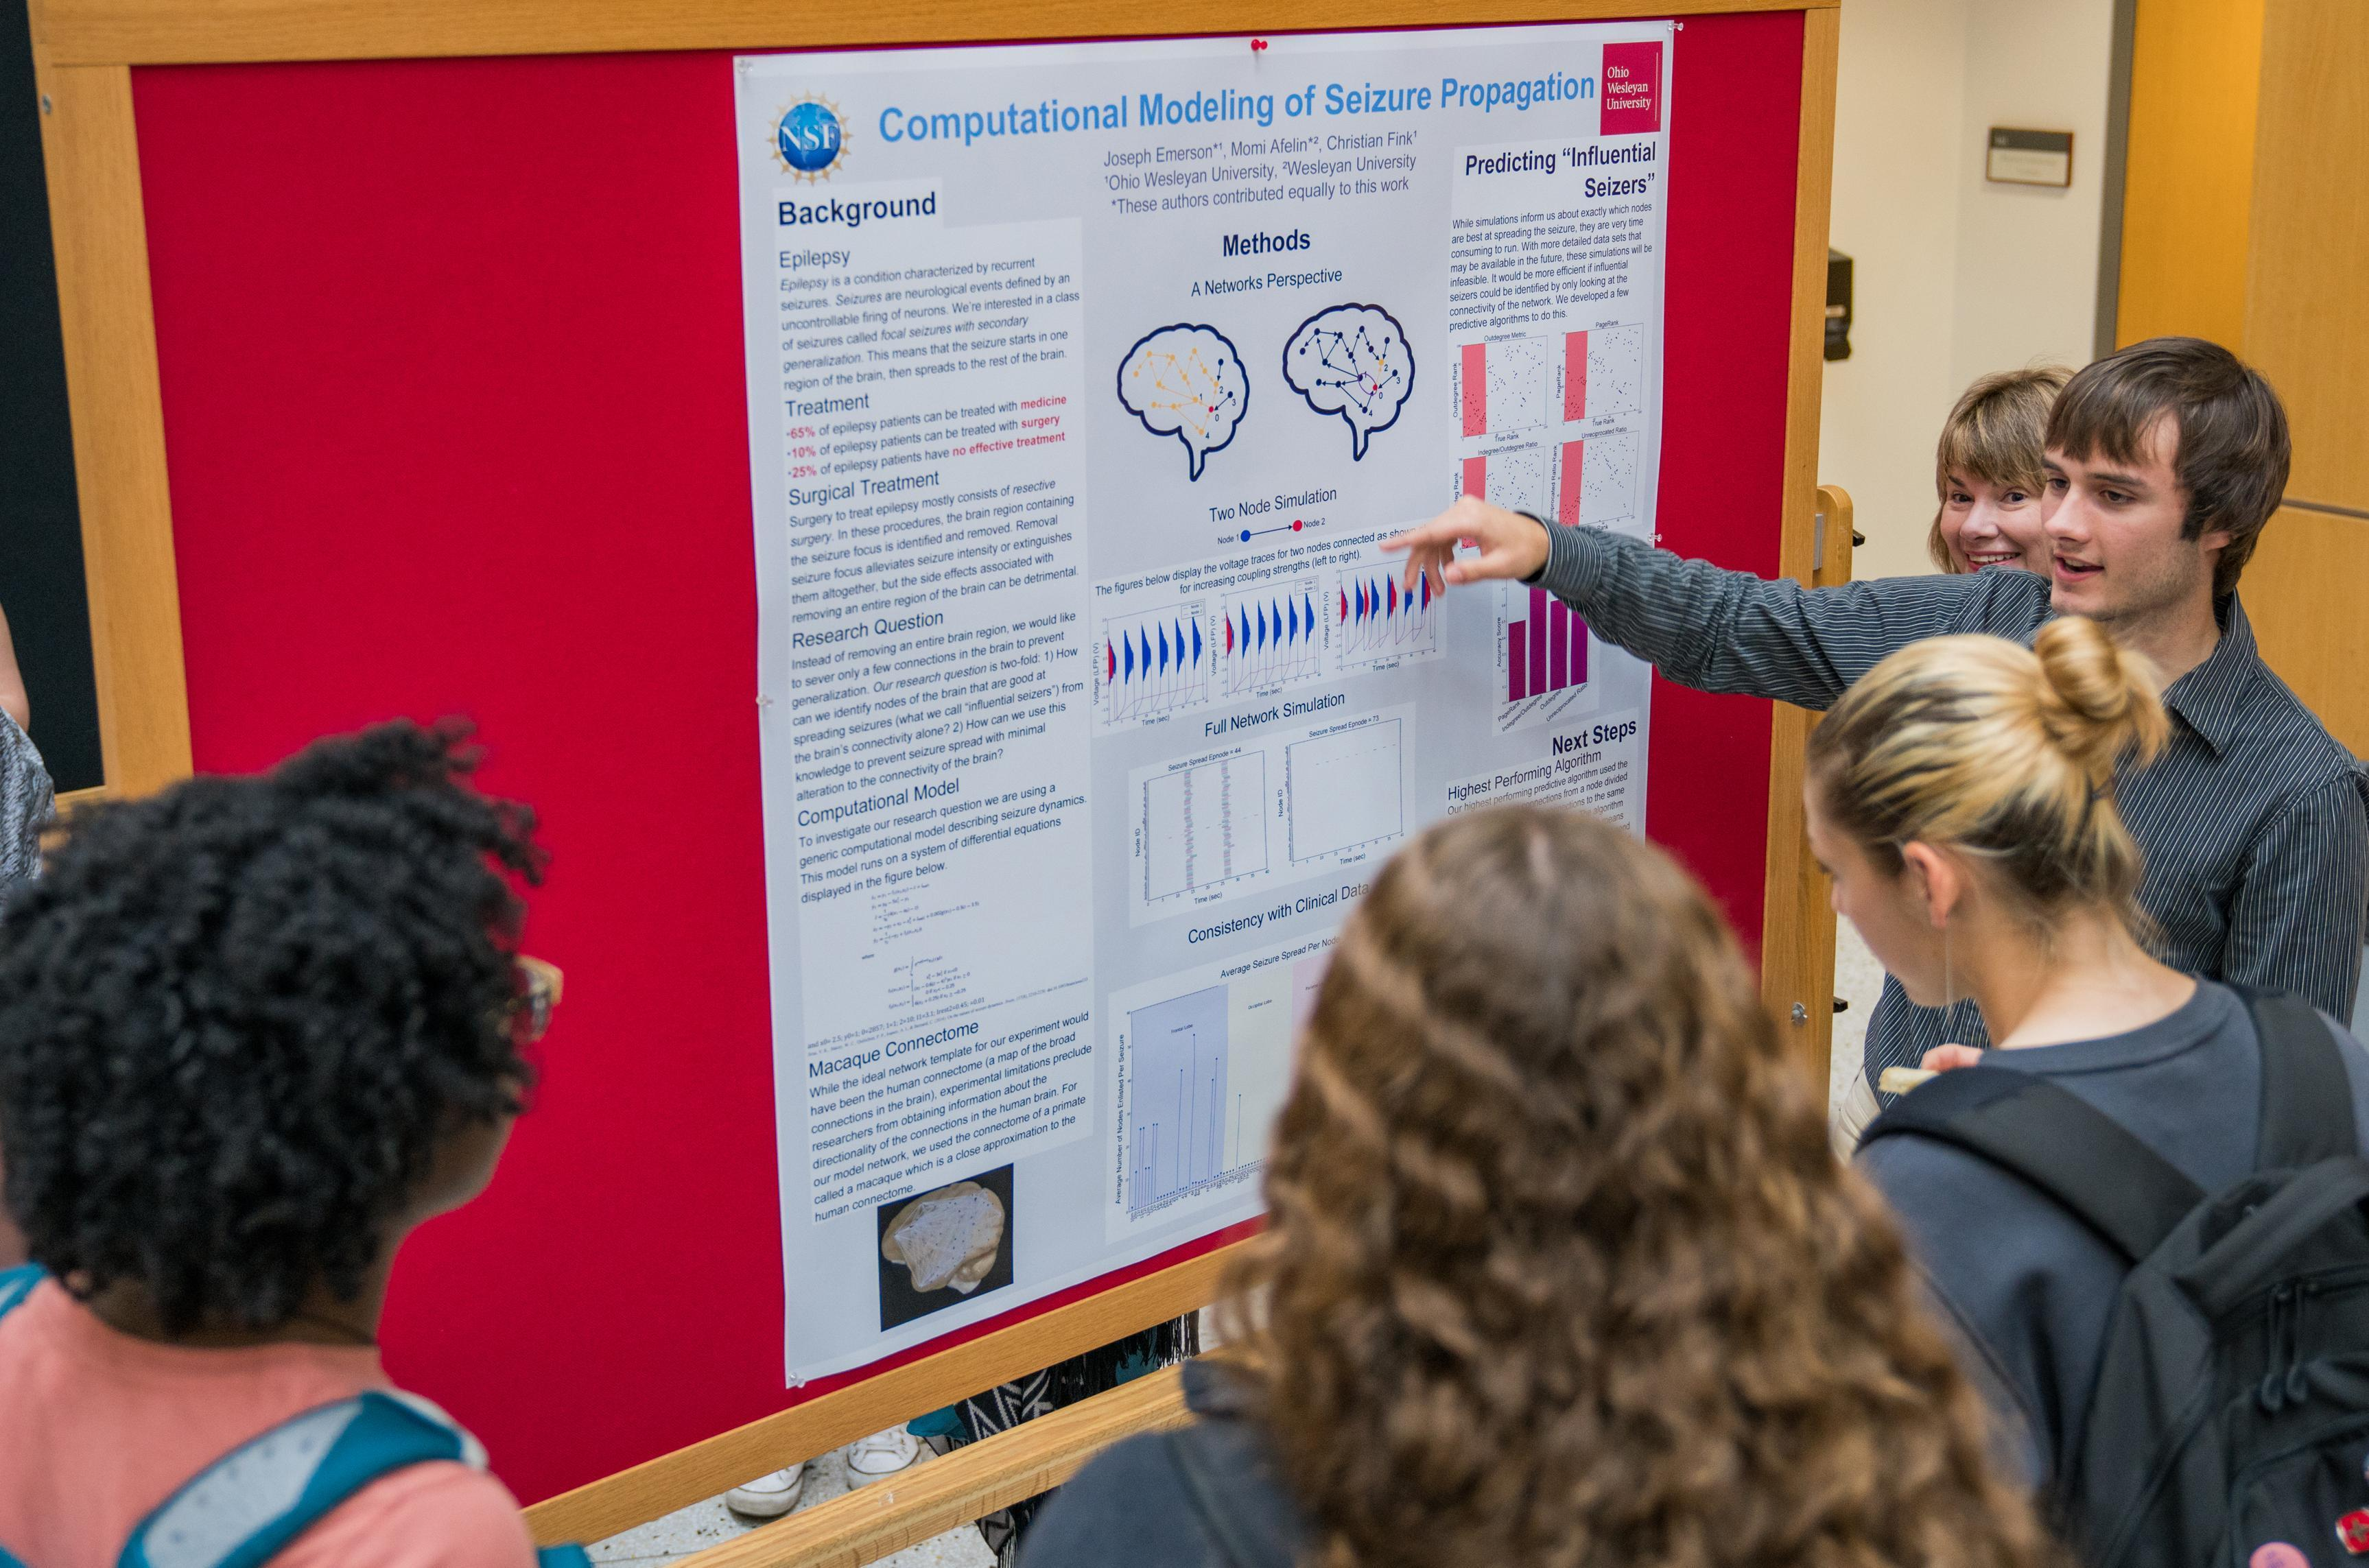 Ohio wesleyan summer science research symposium